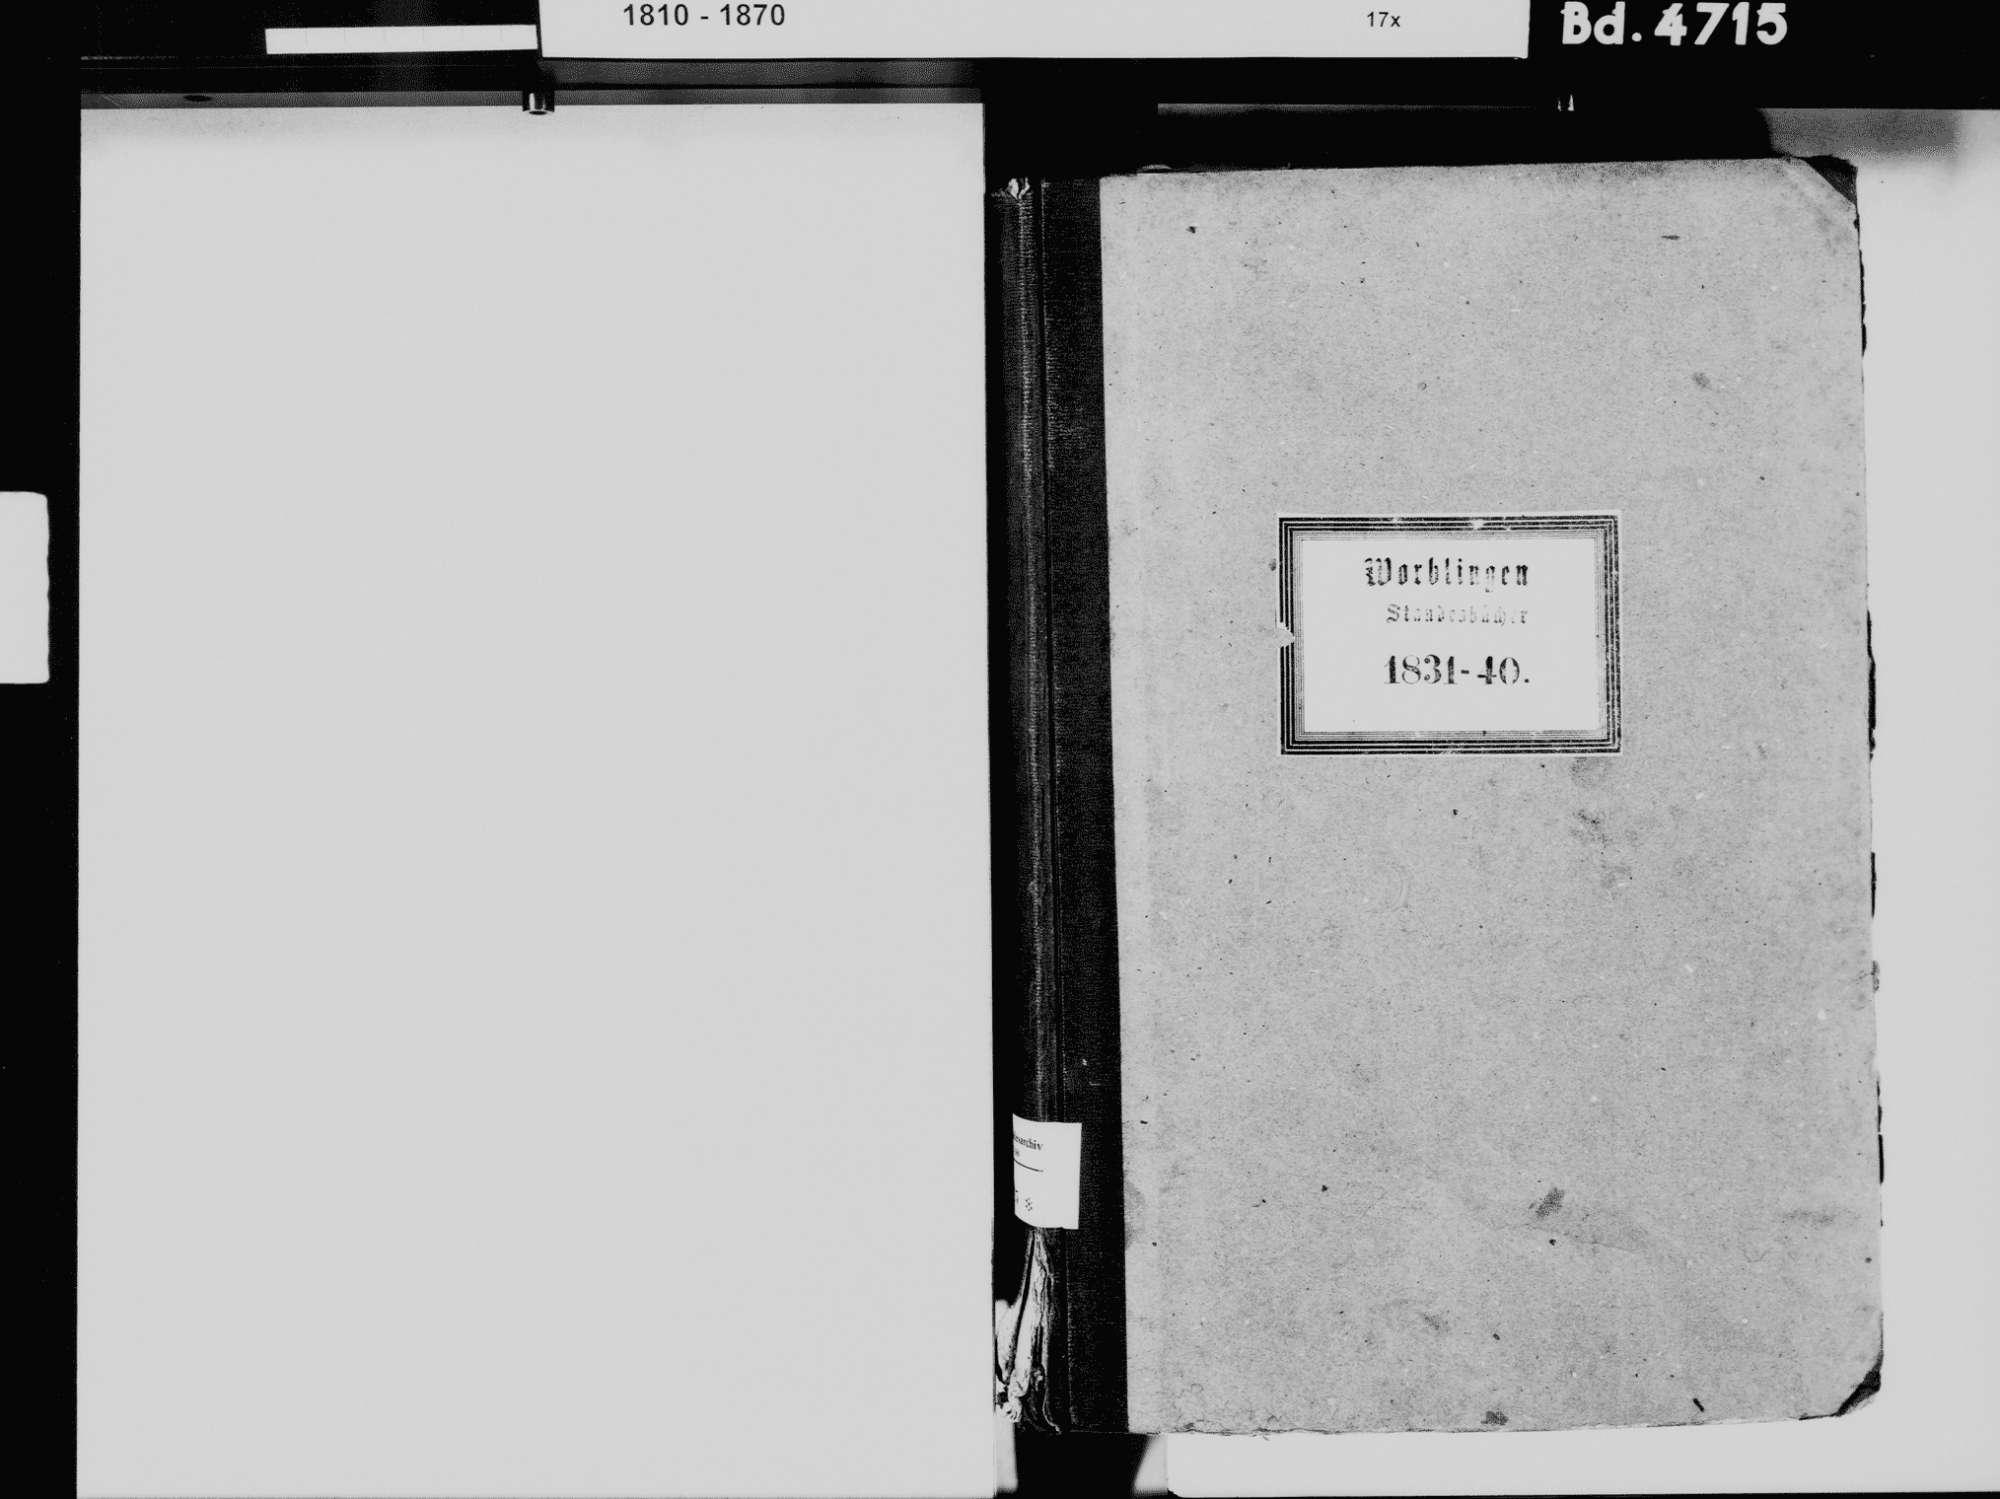 Worblingen, Rielasingen-Worblingen KN; Katholische Gemeinde: Standesbuch 1831-1840 Worblingen, Rielasingen-Worblingen KN; Israelitsche Gemeinde: Standesbuch 1831-1840, Bild 3